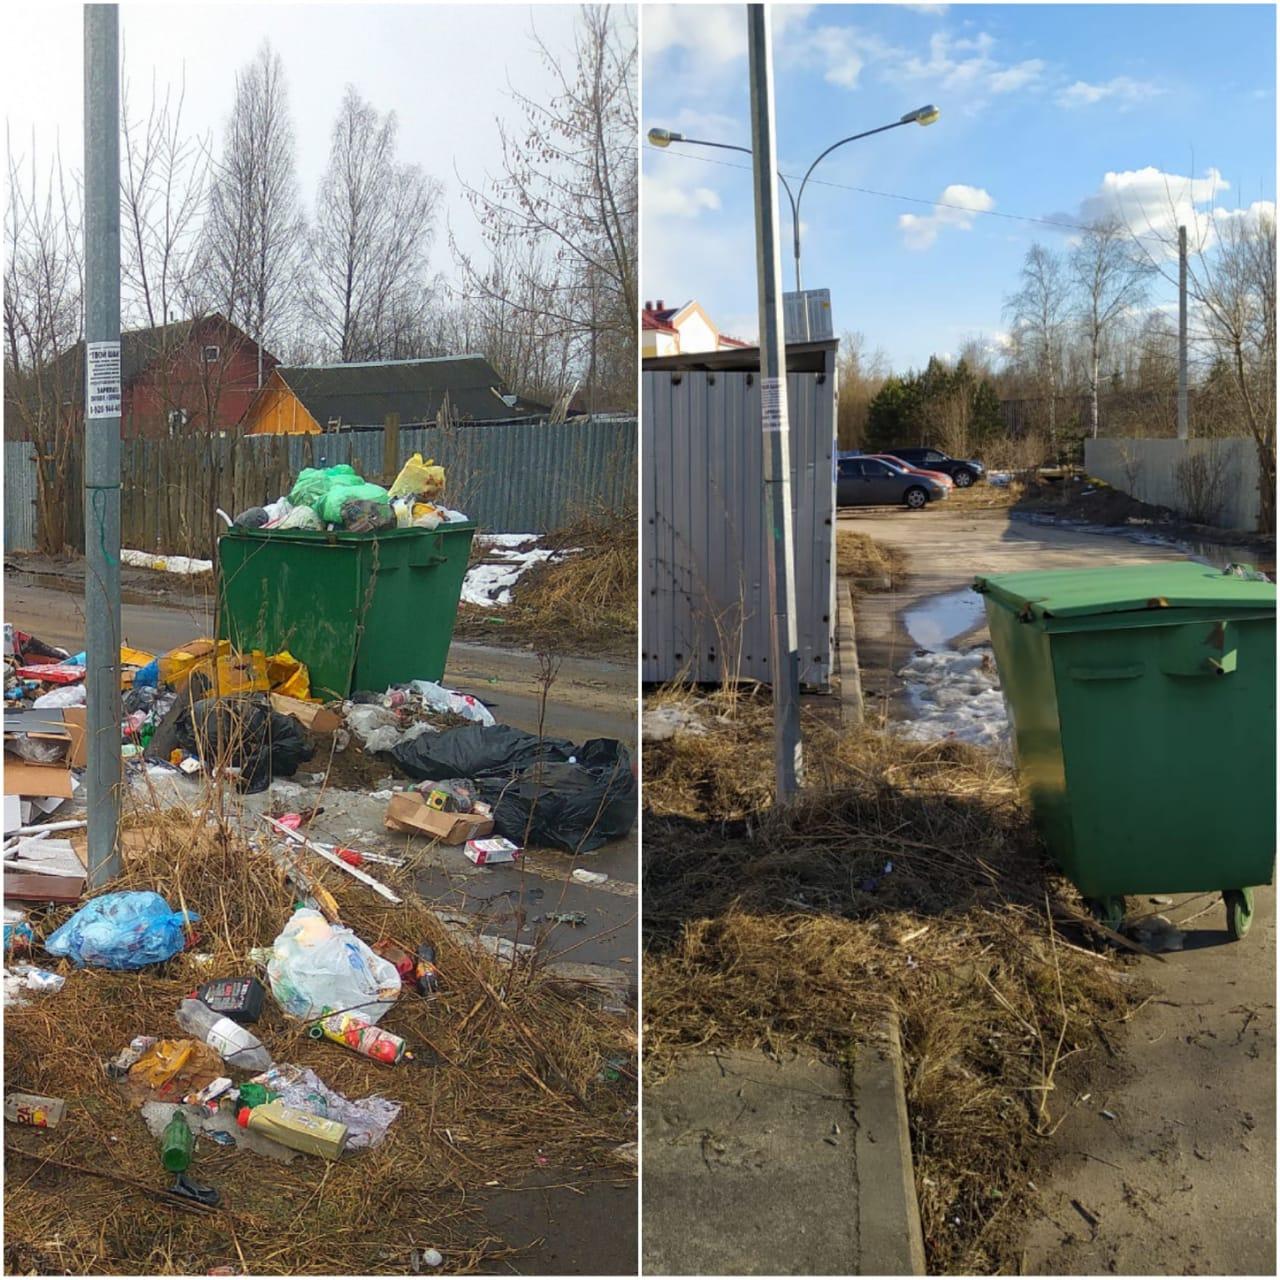 После сообщений в соцсетях в Рыбинске ликвидировали незаконную свалку ртутных ламп